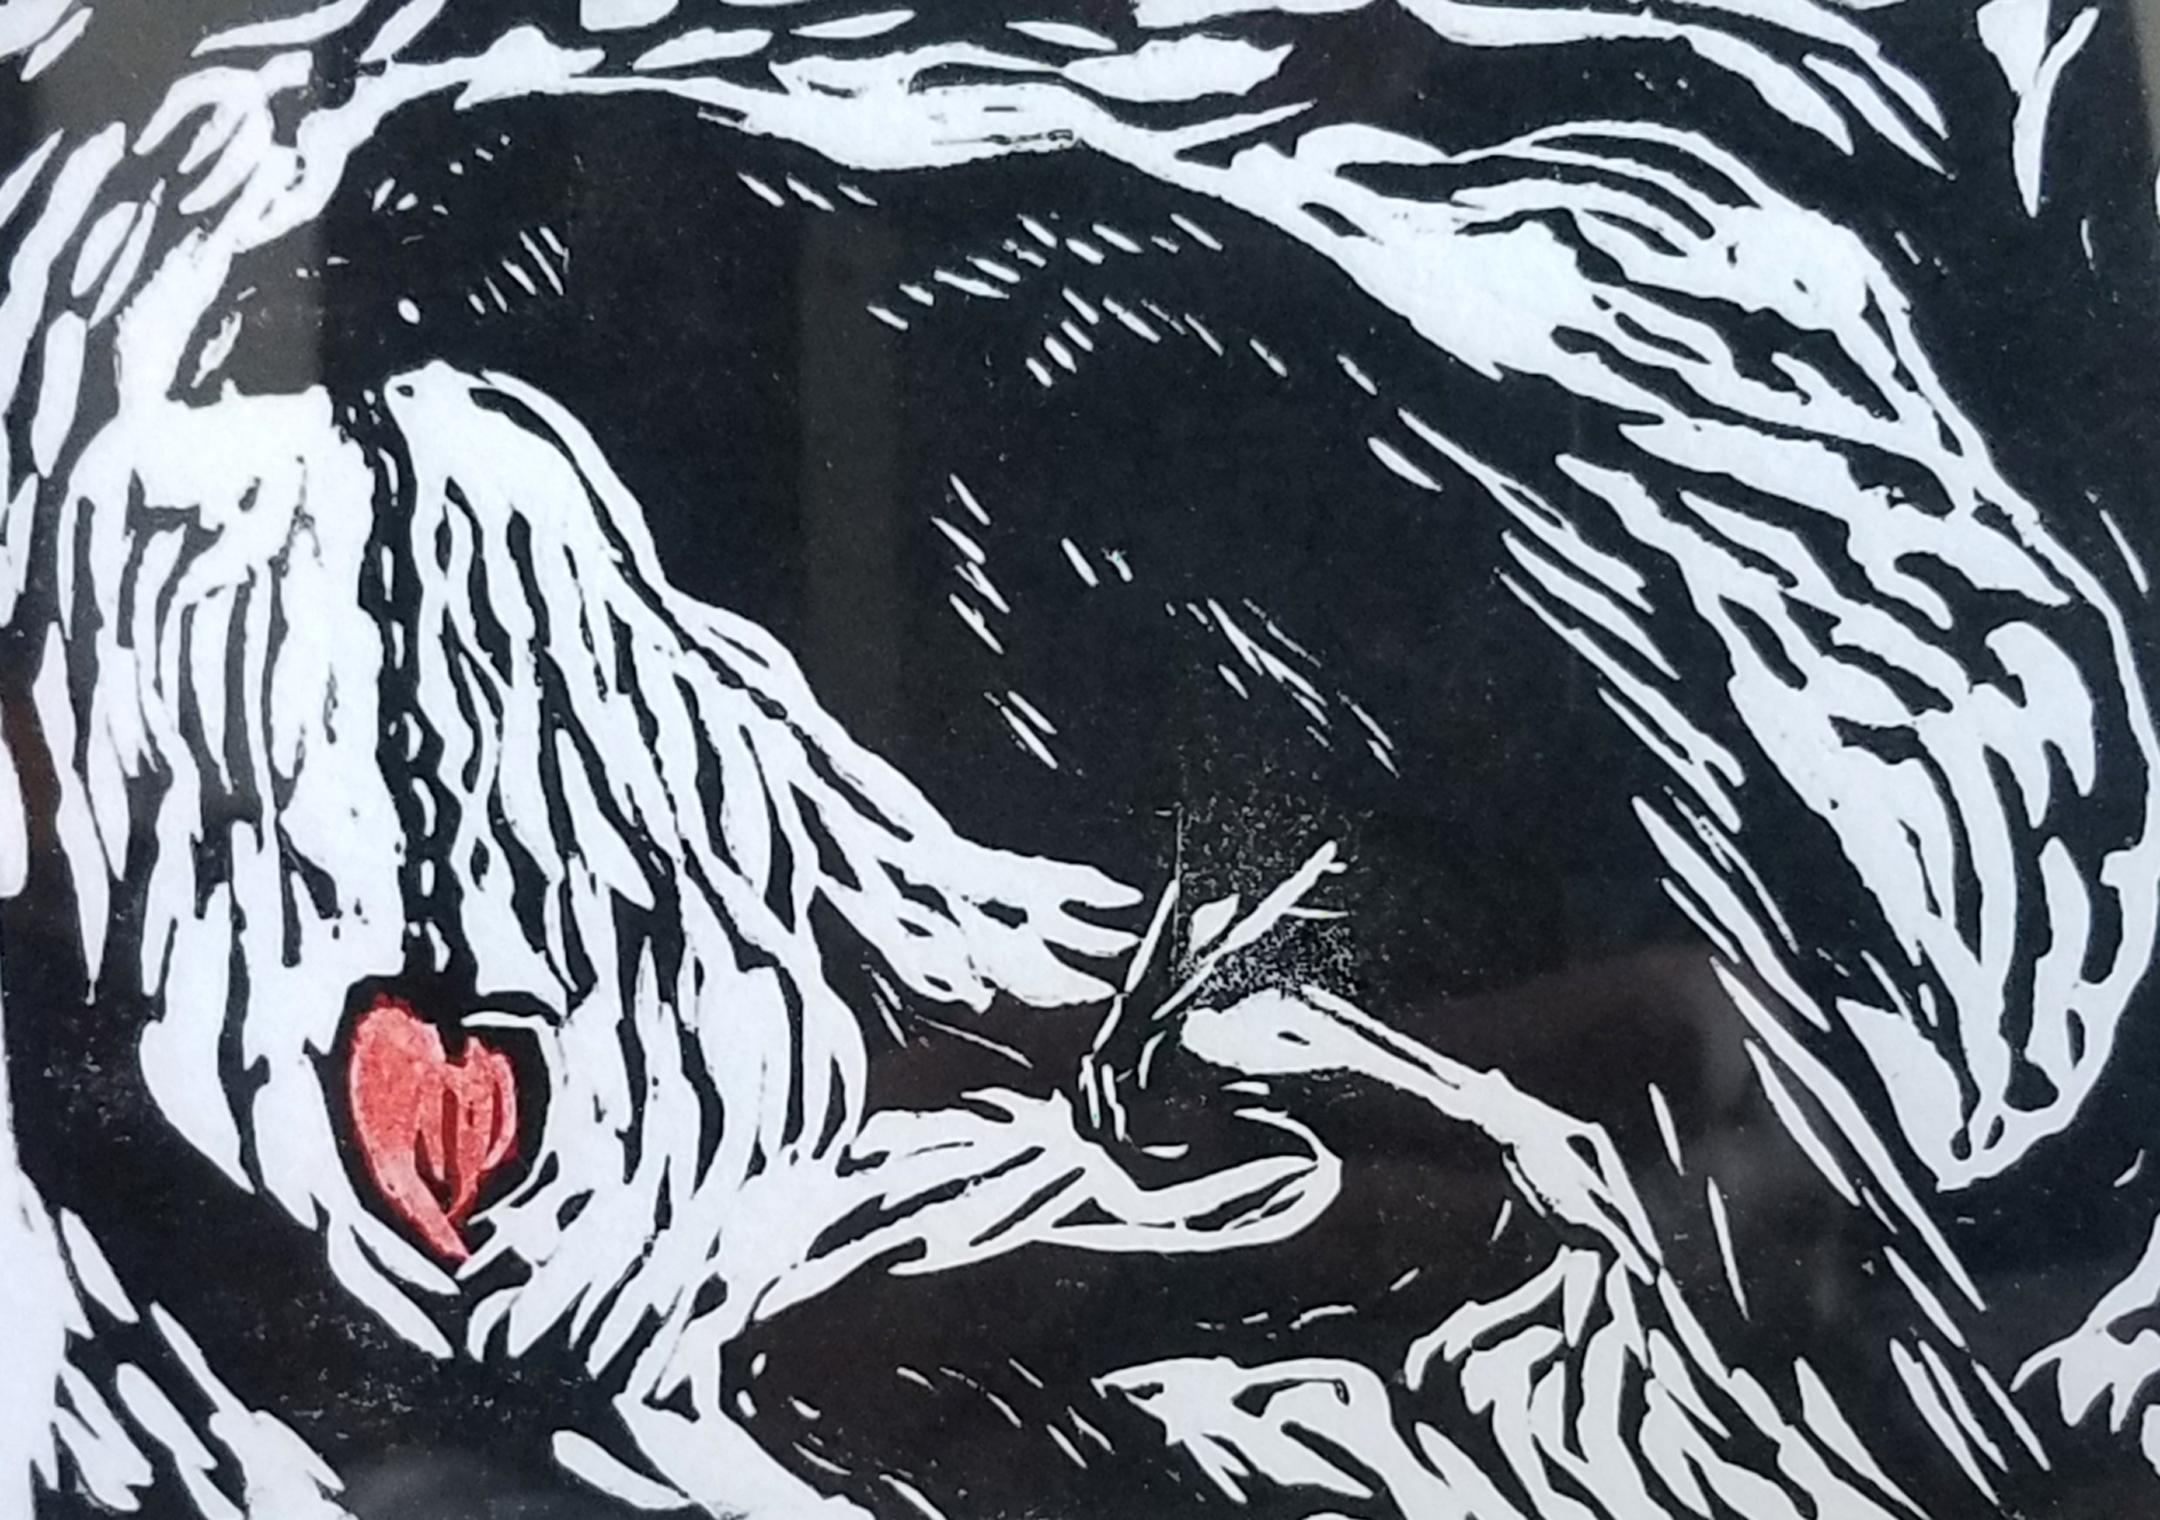 Raven's Heart